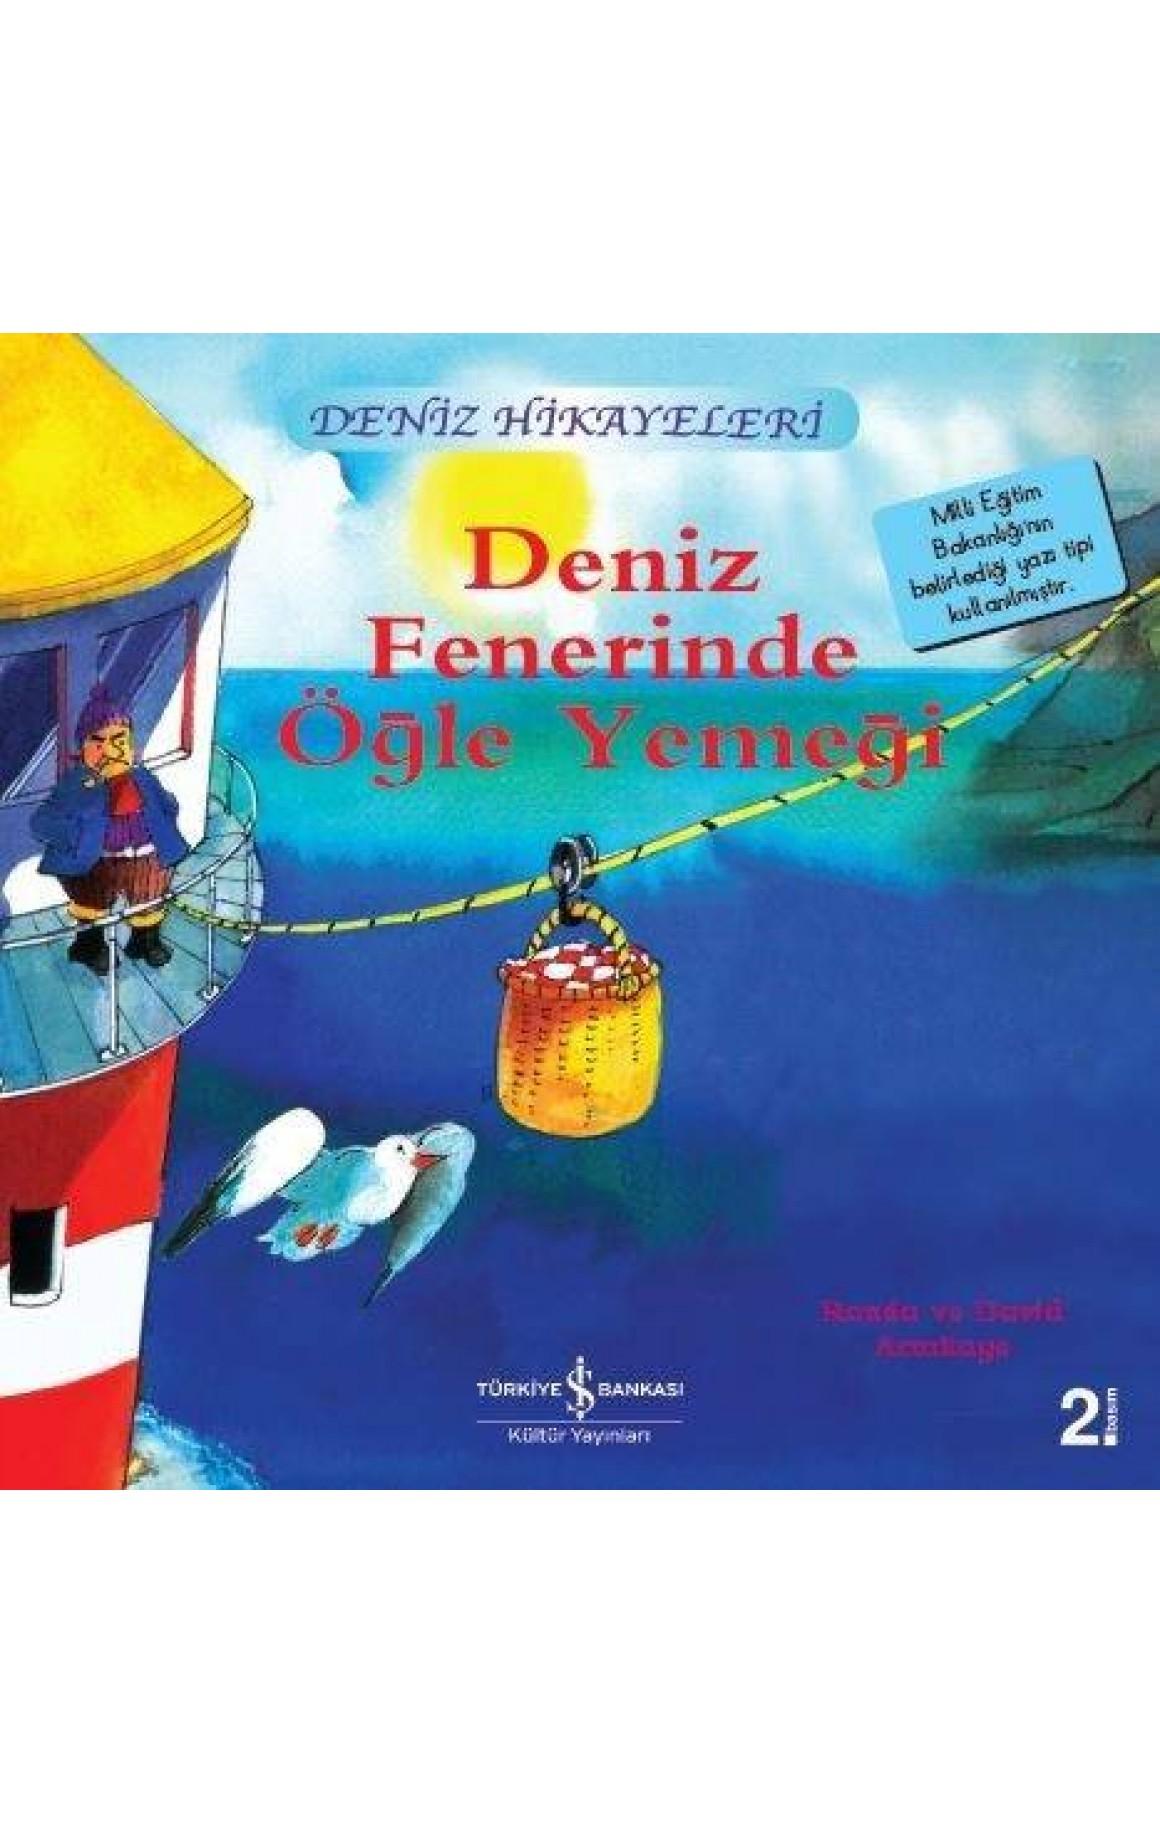 Deniz Fenerinde Öğle Yemeği-Deniz Hikayeleri-İlk Okuma Kitaplarım